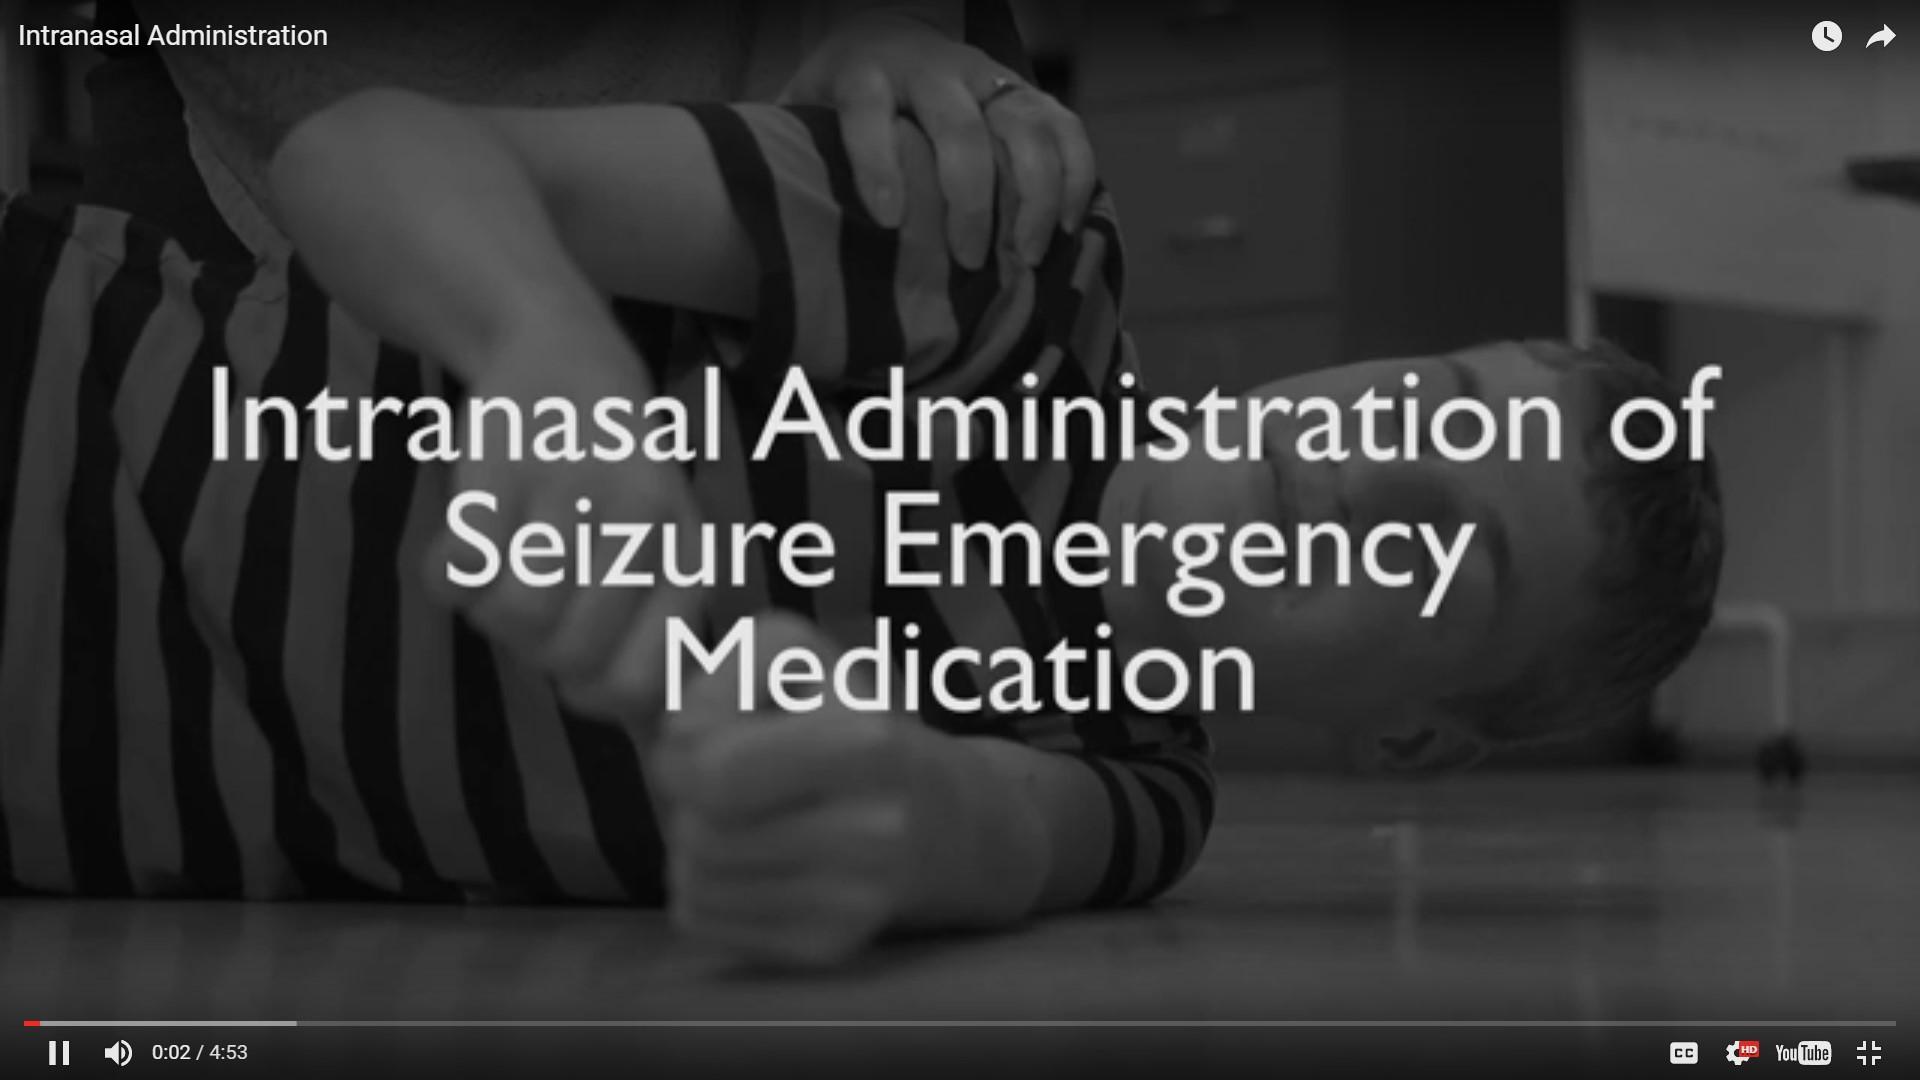 Administration of Intranasal Seizure Medication  